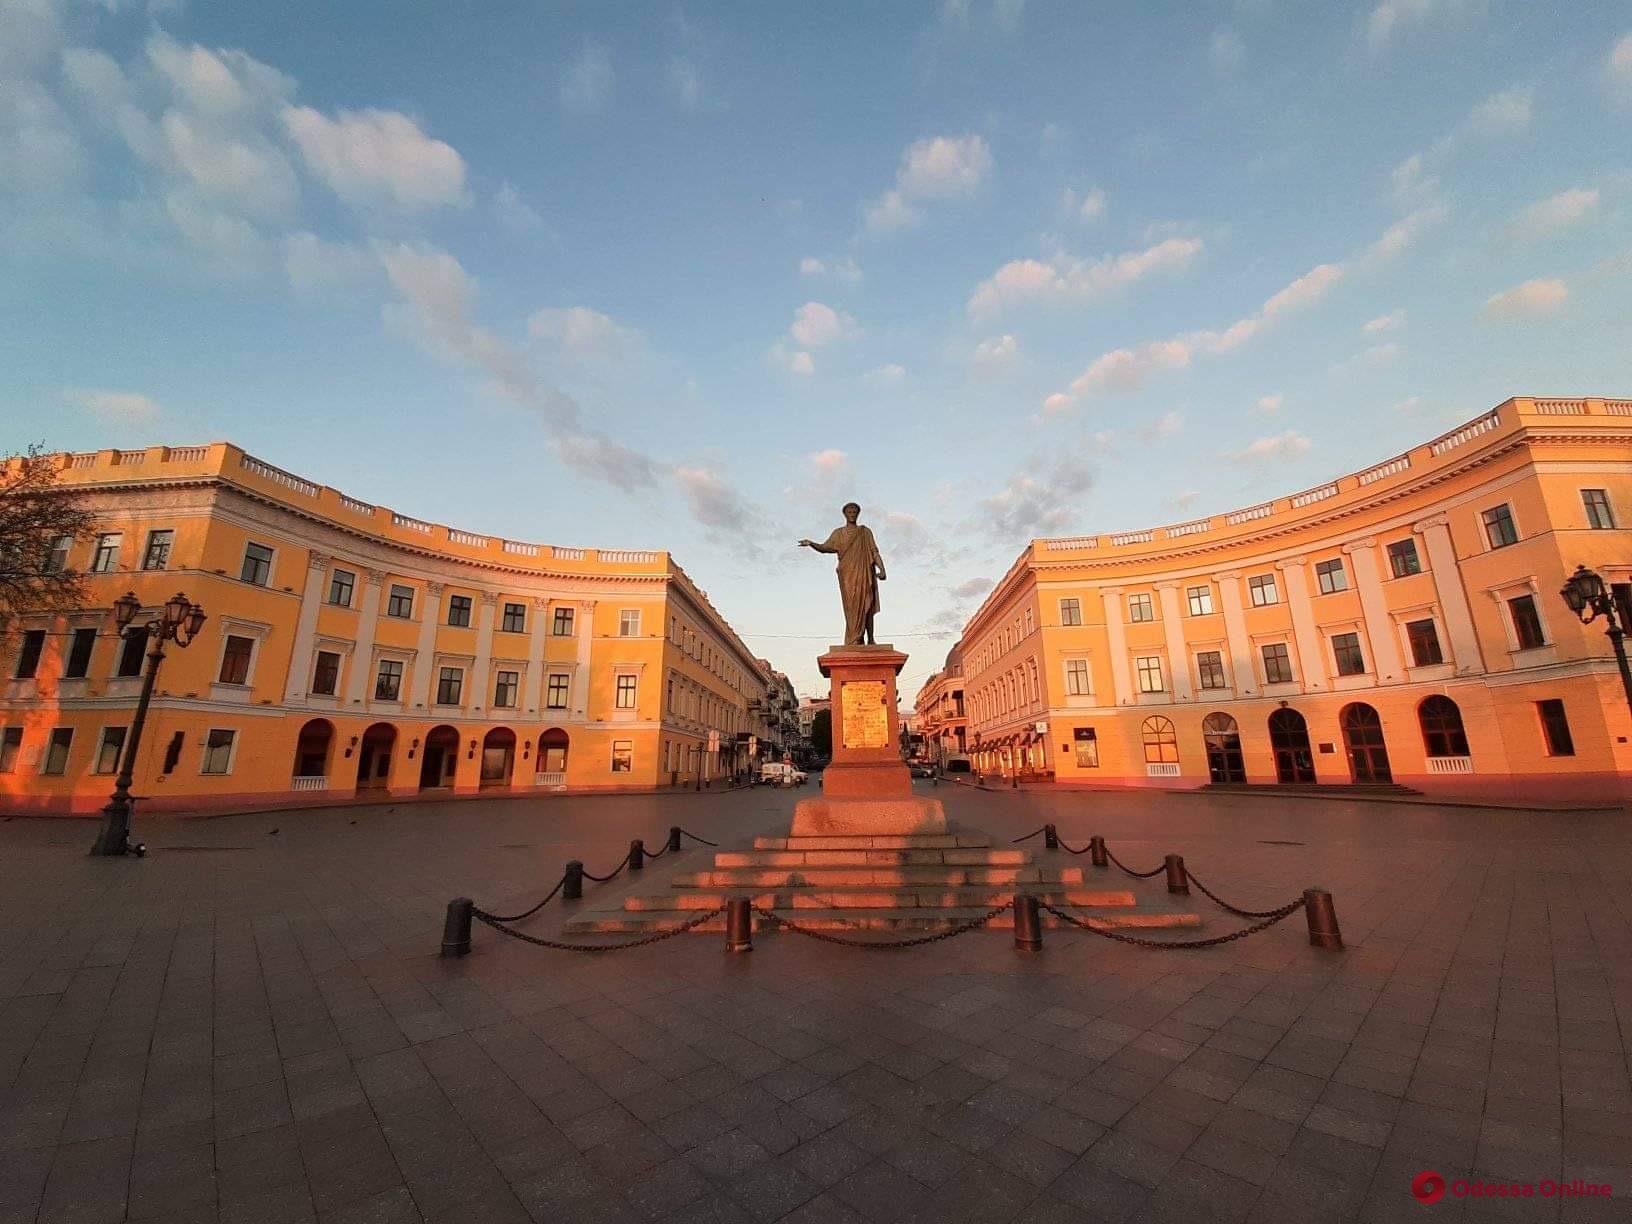 Рейтинг лучших городов для бизнеса: Одесса заняла 11 место